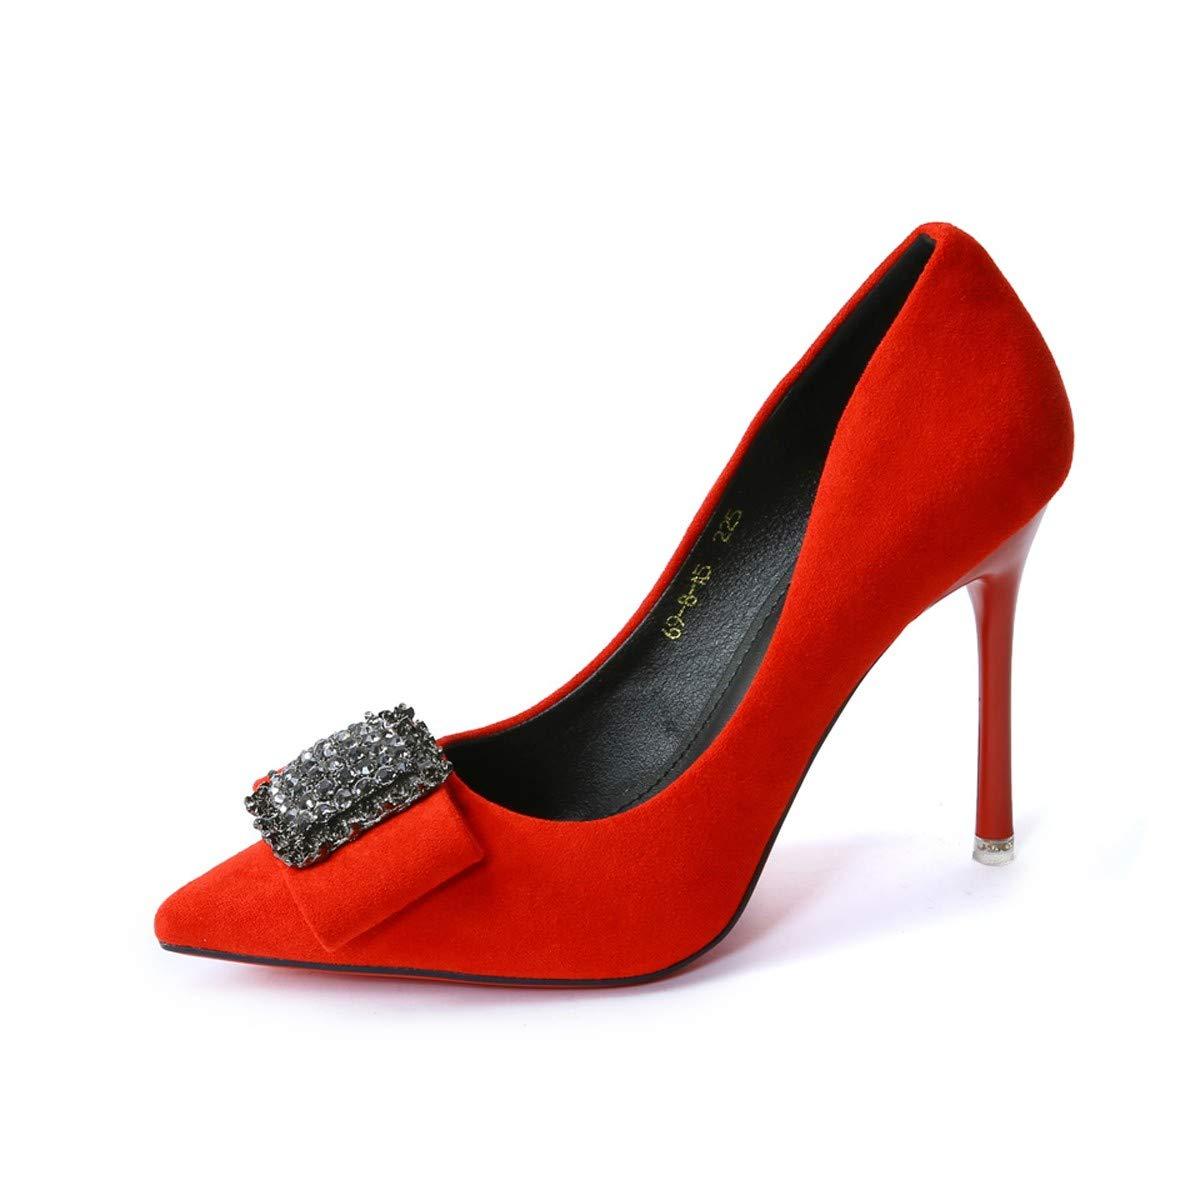 LBTSQ-Schöne Schuhe High Heels 10Cm Hochzeit Schuhe Wildleder Spitze Metall Schnallen Spitze Wildleder Einzelne Schuhe Wasserdicht Temperament ec3be3